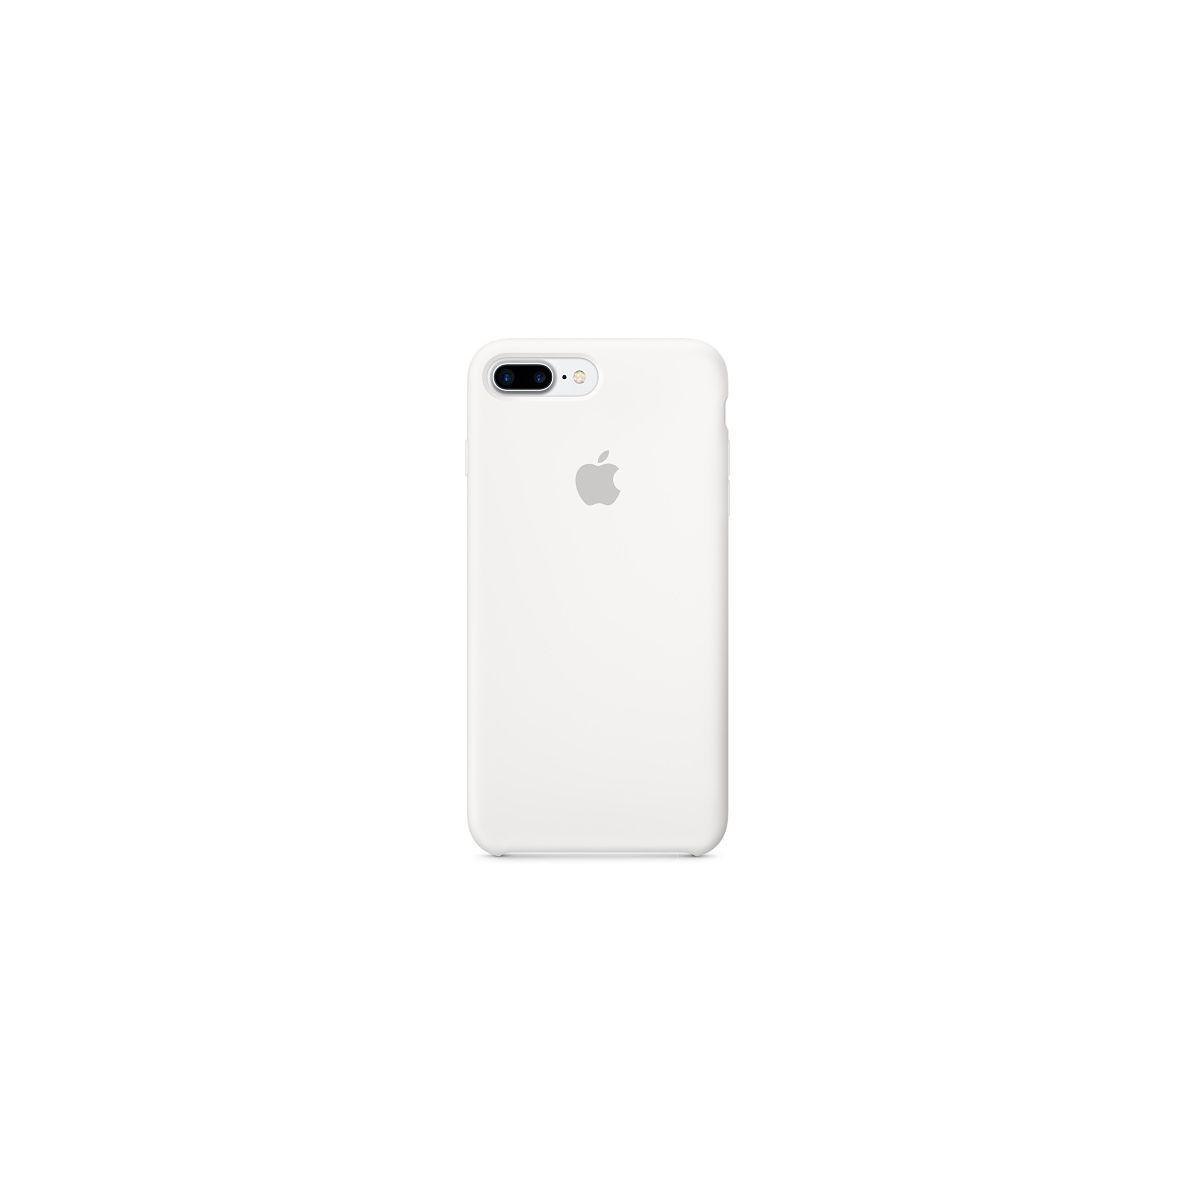 Coque apple iphone 7 plus silicone blanc (photo)